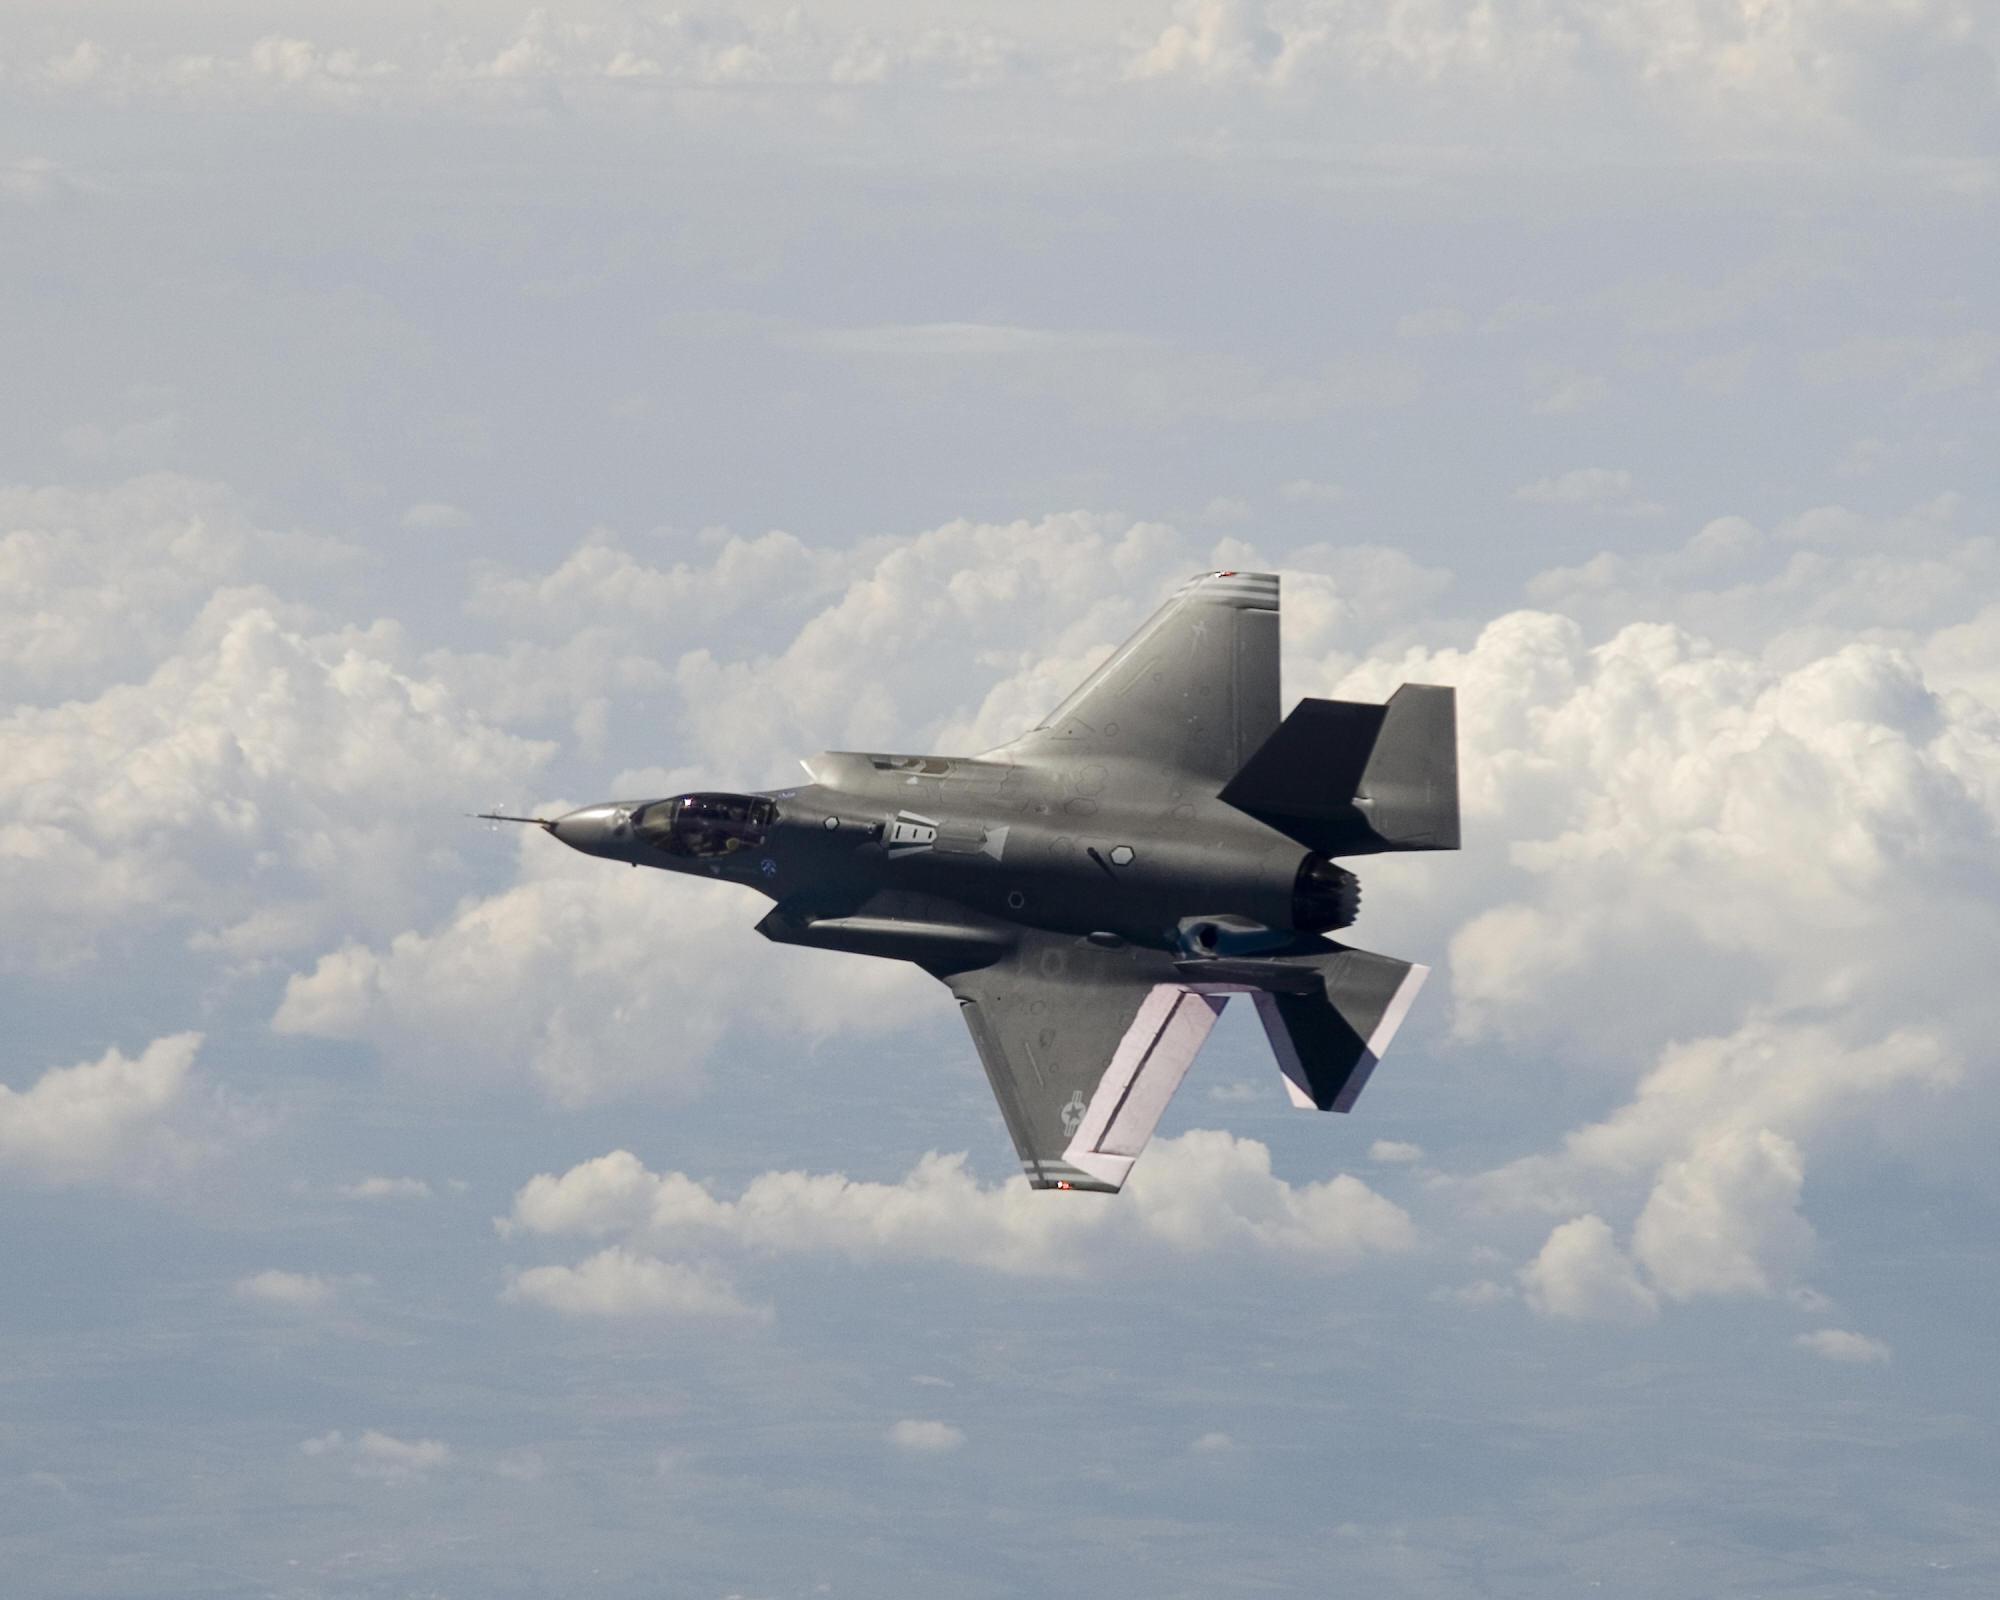 https://i1.wp.com/www.aereo.jor.br/wp-content/uploads/2008/09/f-35.jpg